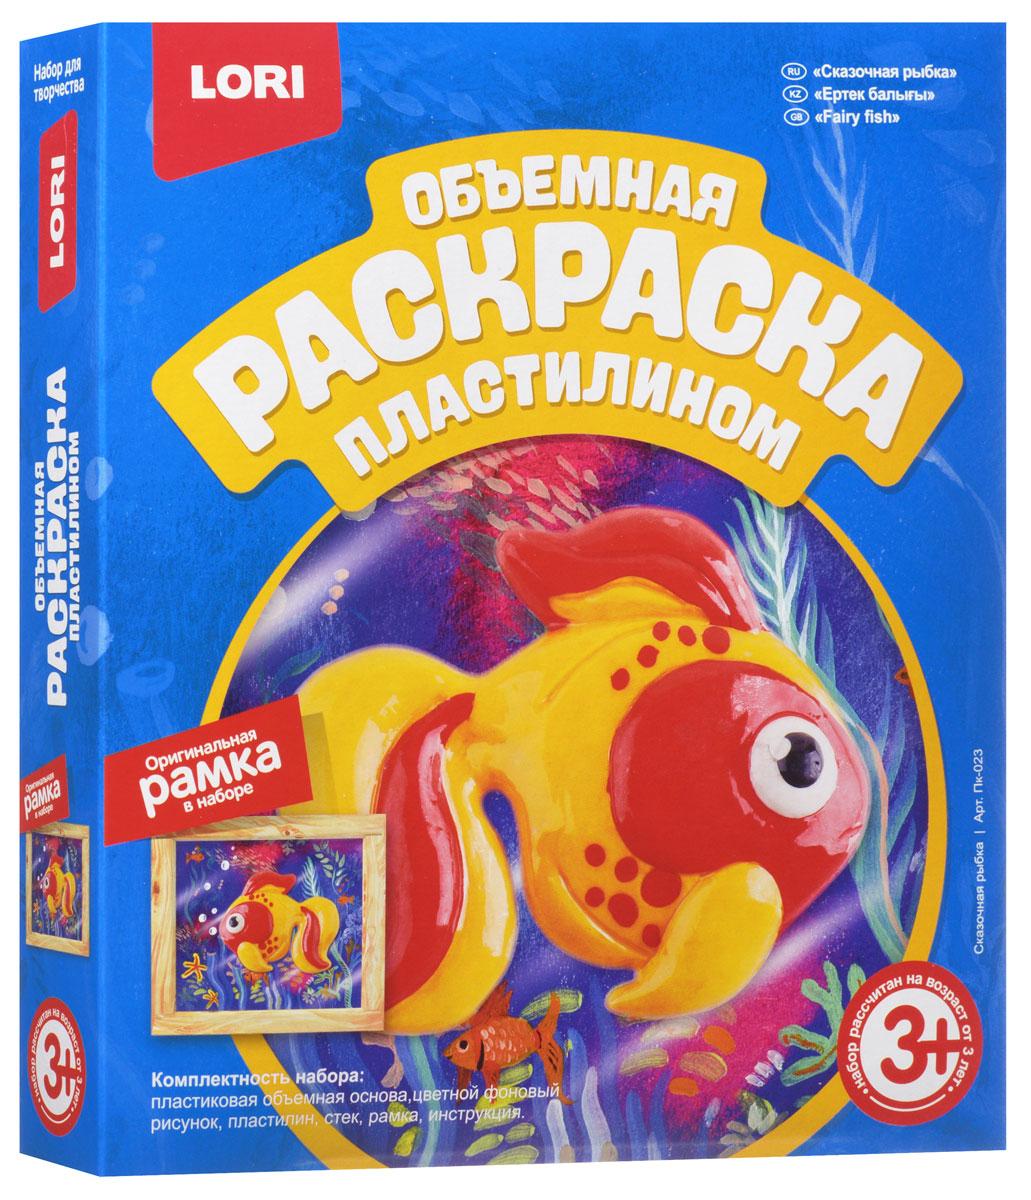 Lori Раскраска пластилином объемная Сказочная рыбка